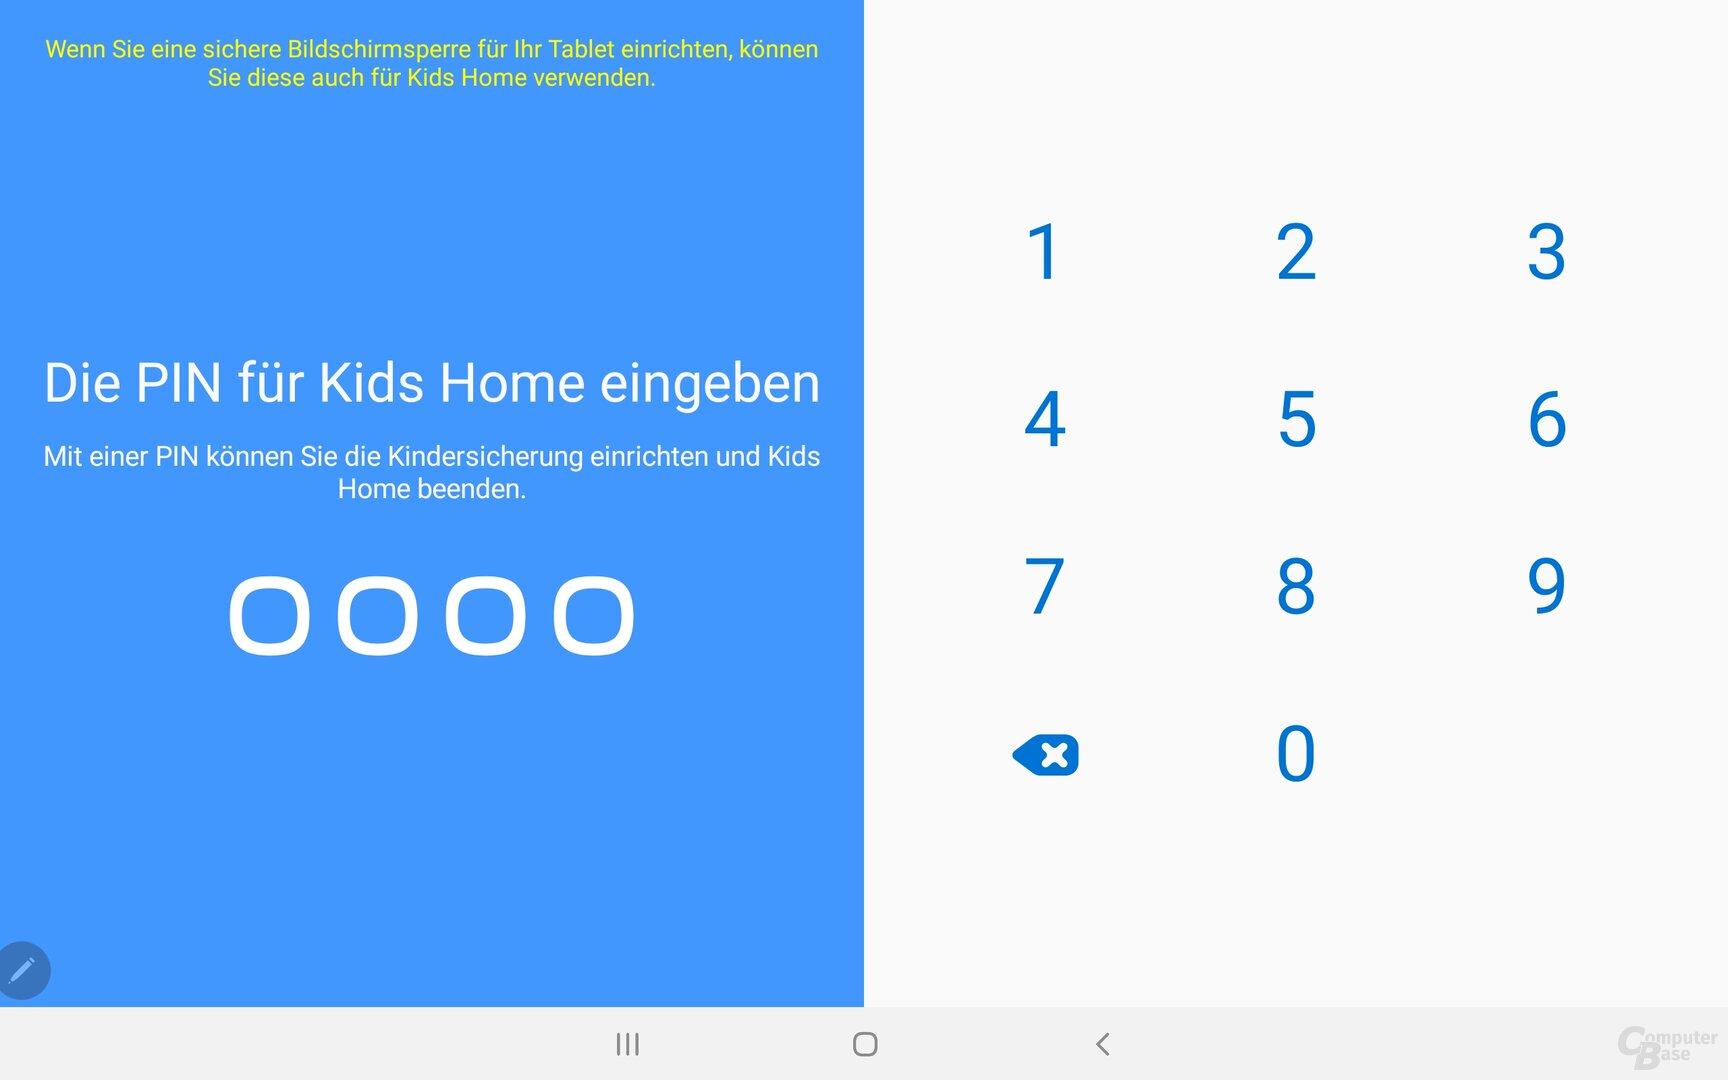 Das Galaxy Tab S6 hält auch einen abgesicherten Kinderbereich vor